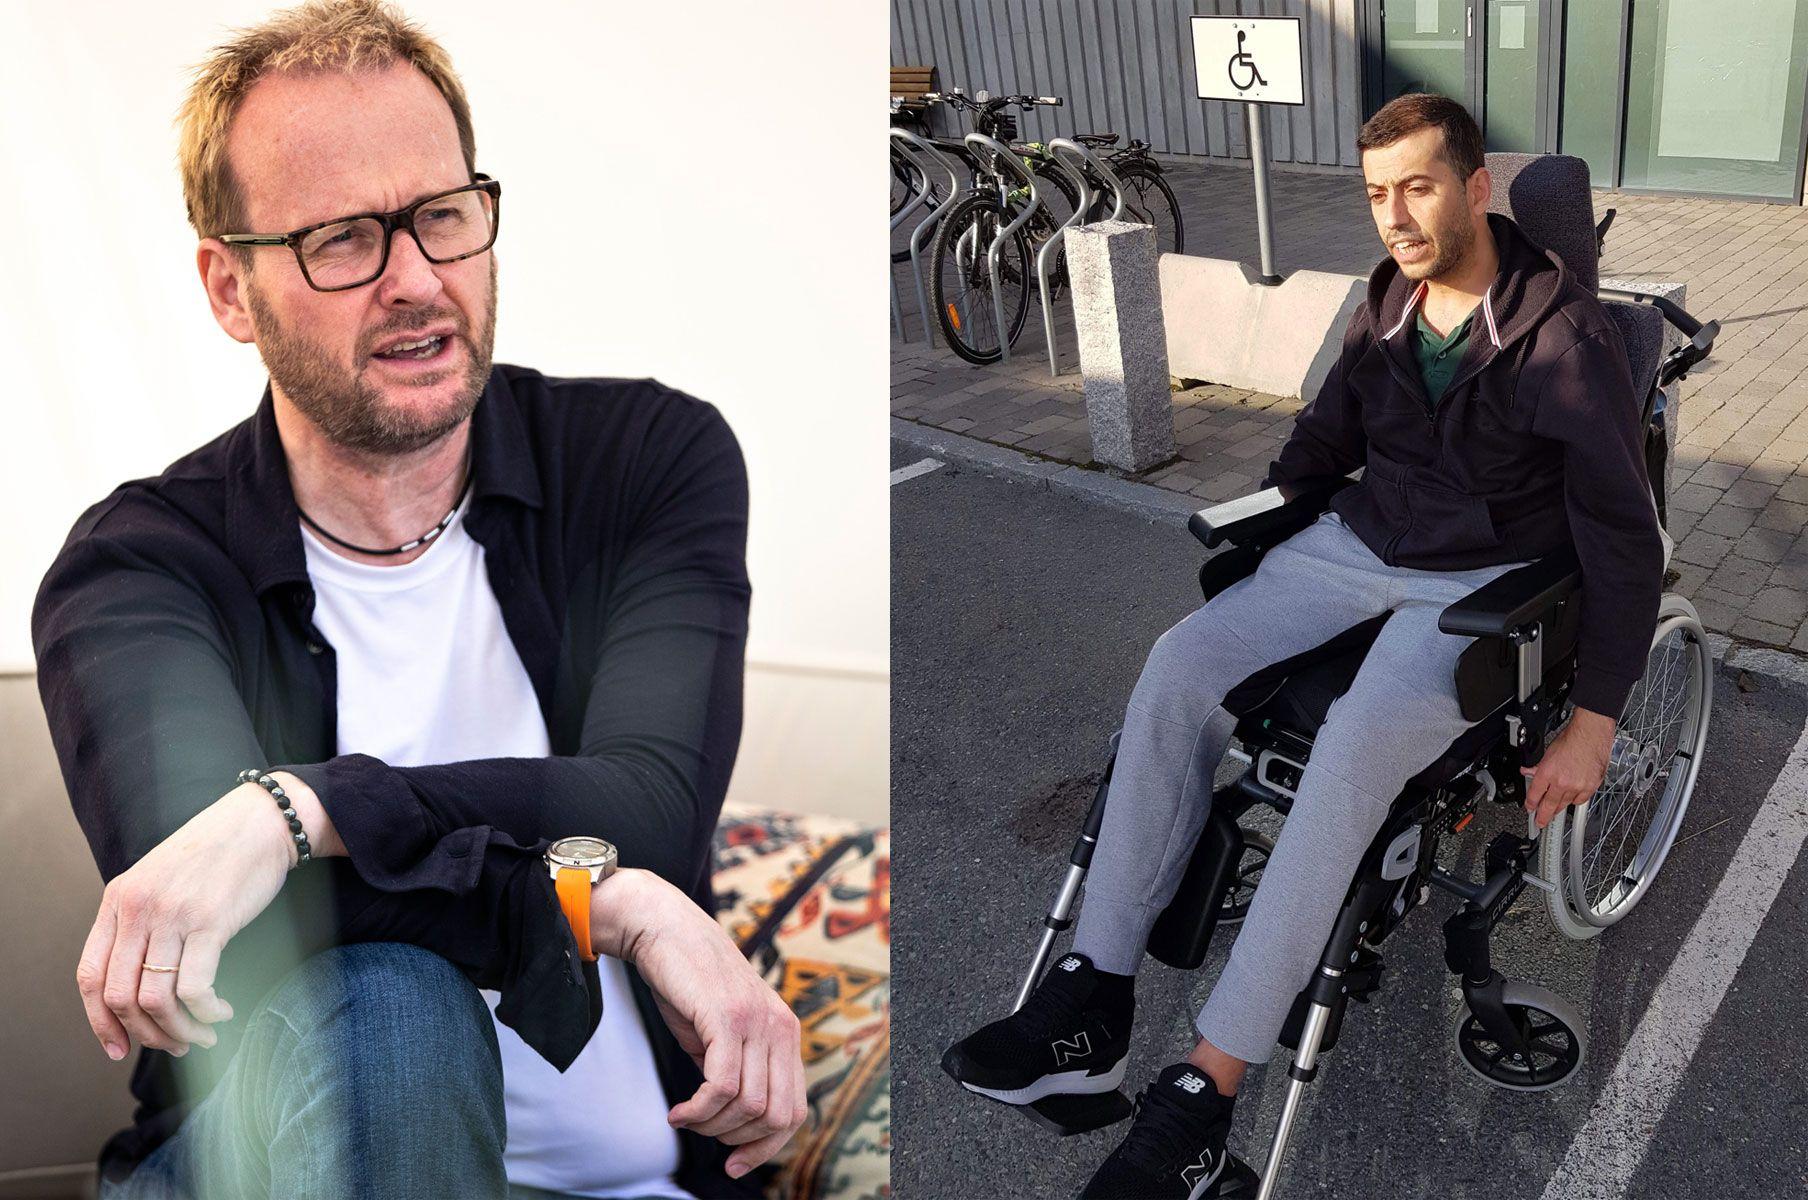 KRASJET: Sigvart Dagsland (t.v.) og Ahmad Yousef Mohammad. Førstnevnte her avbildet i møte med VG i vår. Mohammad er avhengig av rullestolen, her utenfor sykehuset i Trondheim.